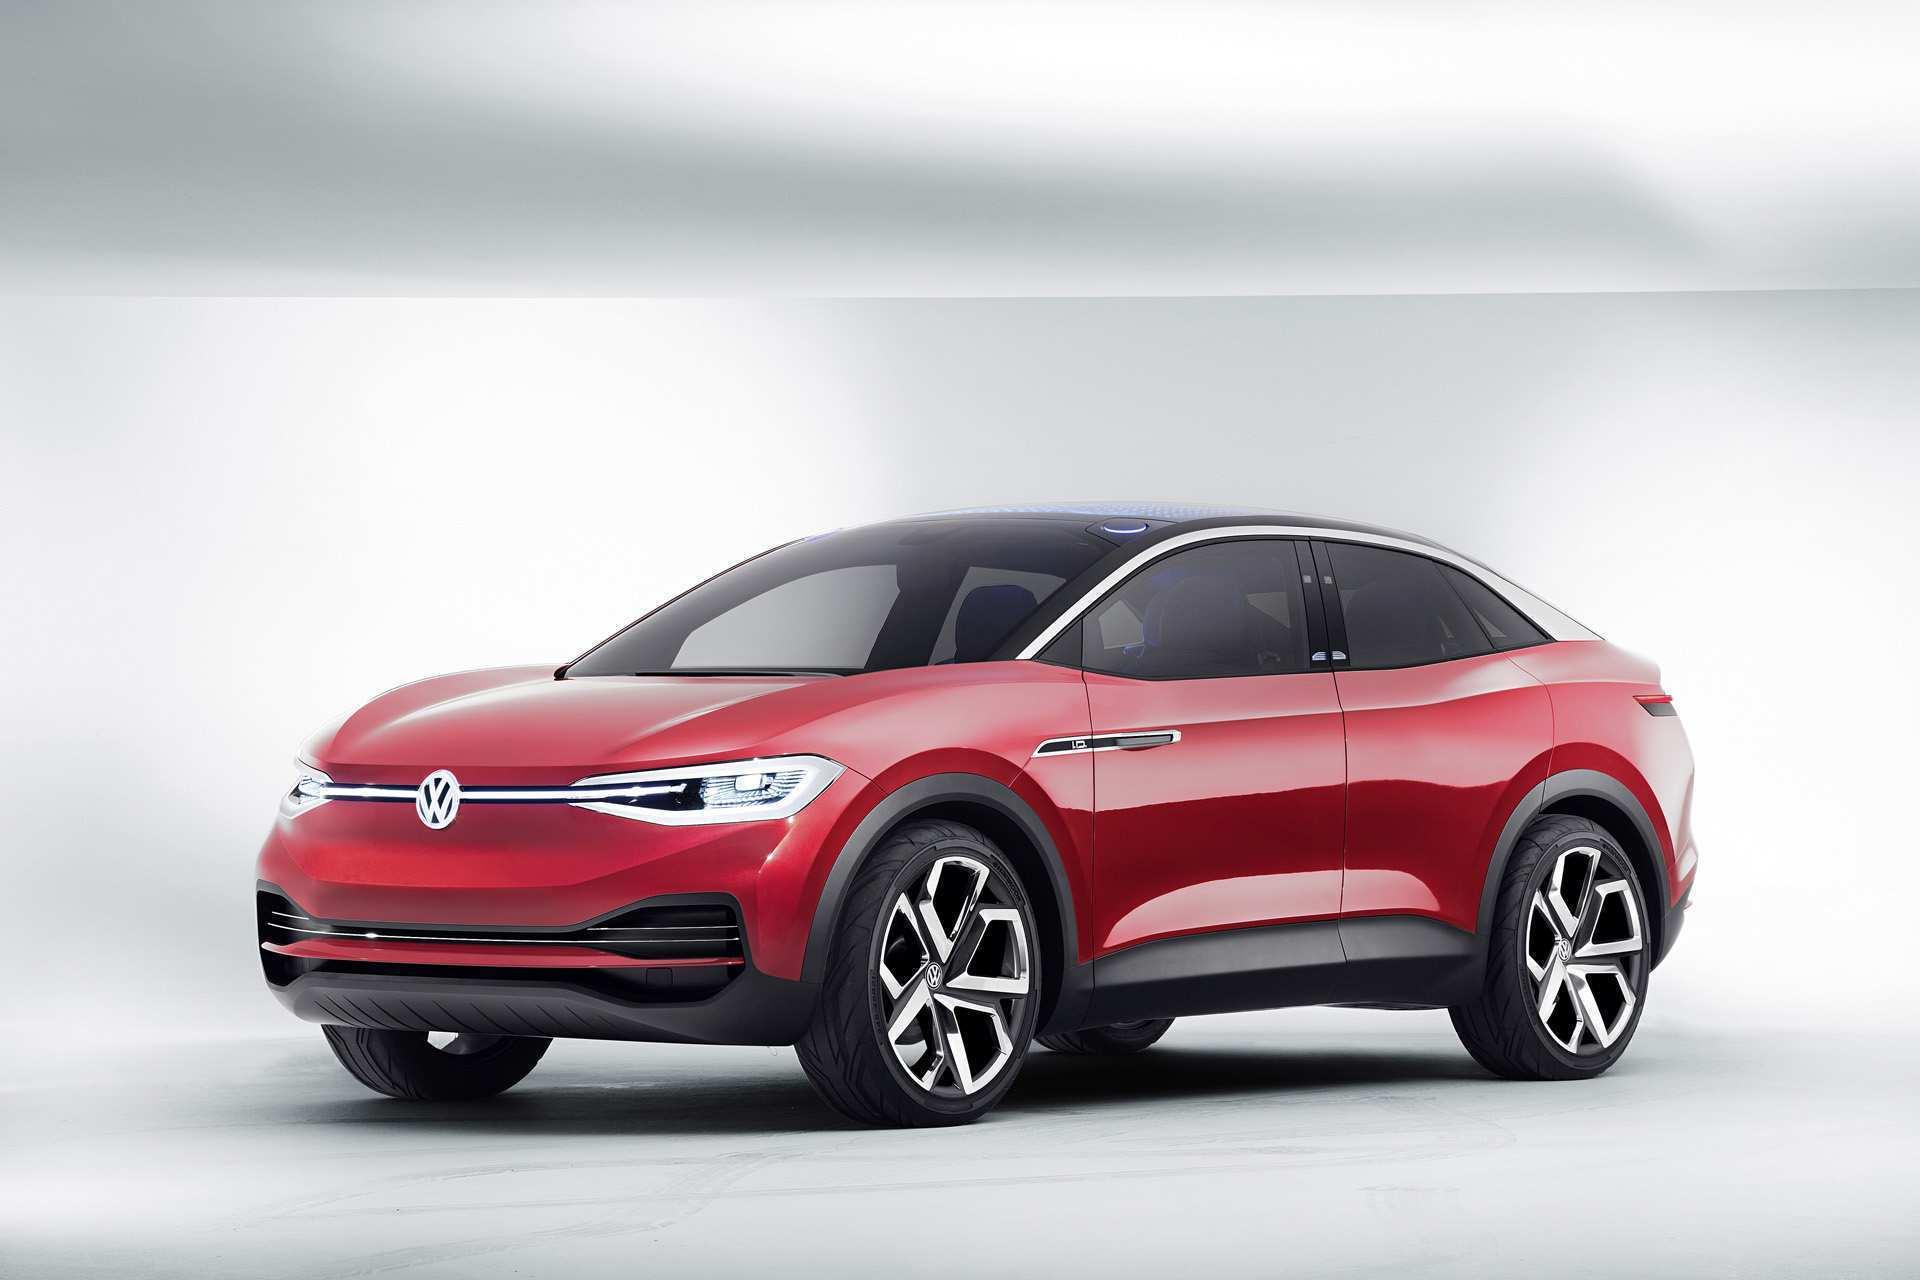 73 Great Volkswagen 2020 Electric Spesification for Volkswagen 2020 Electric